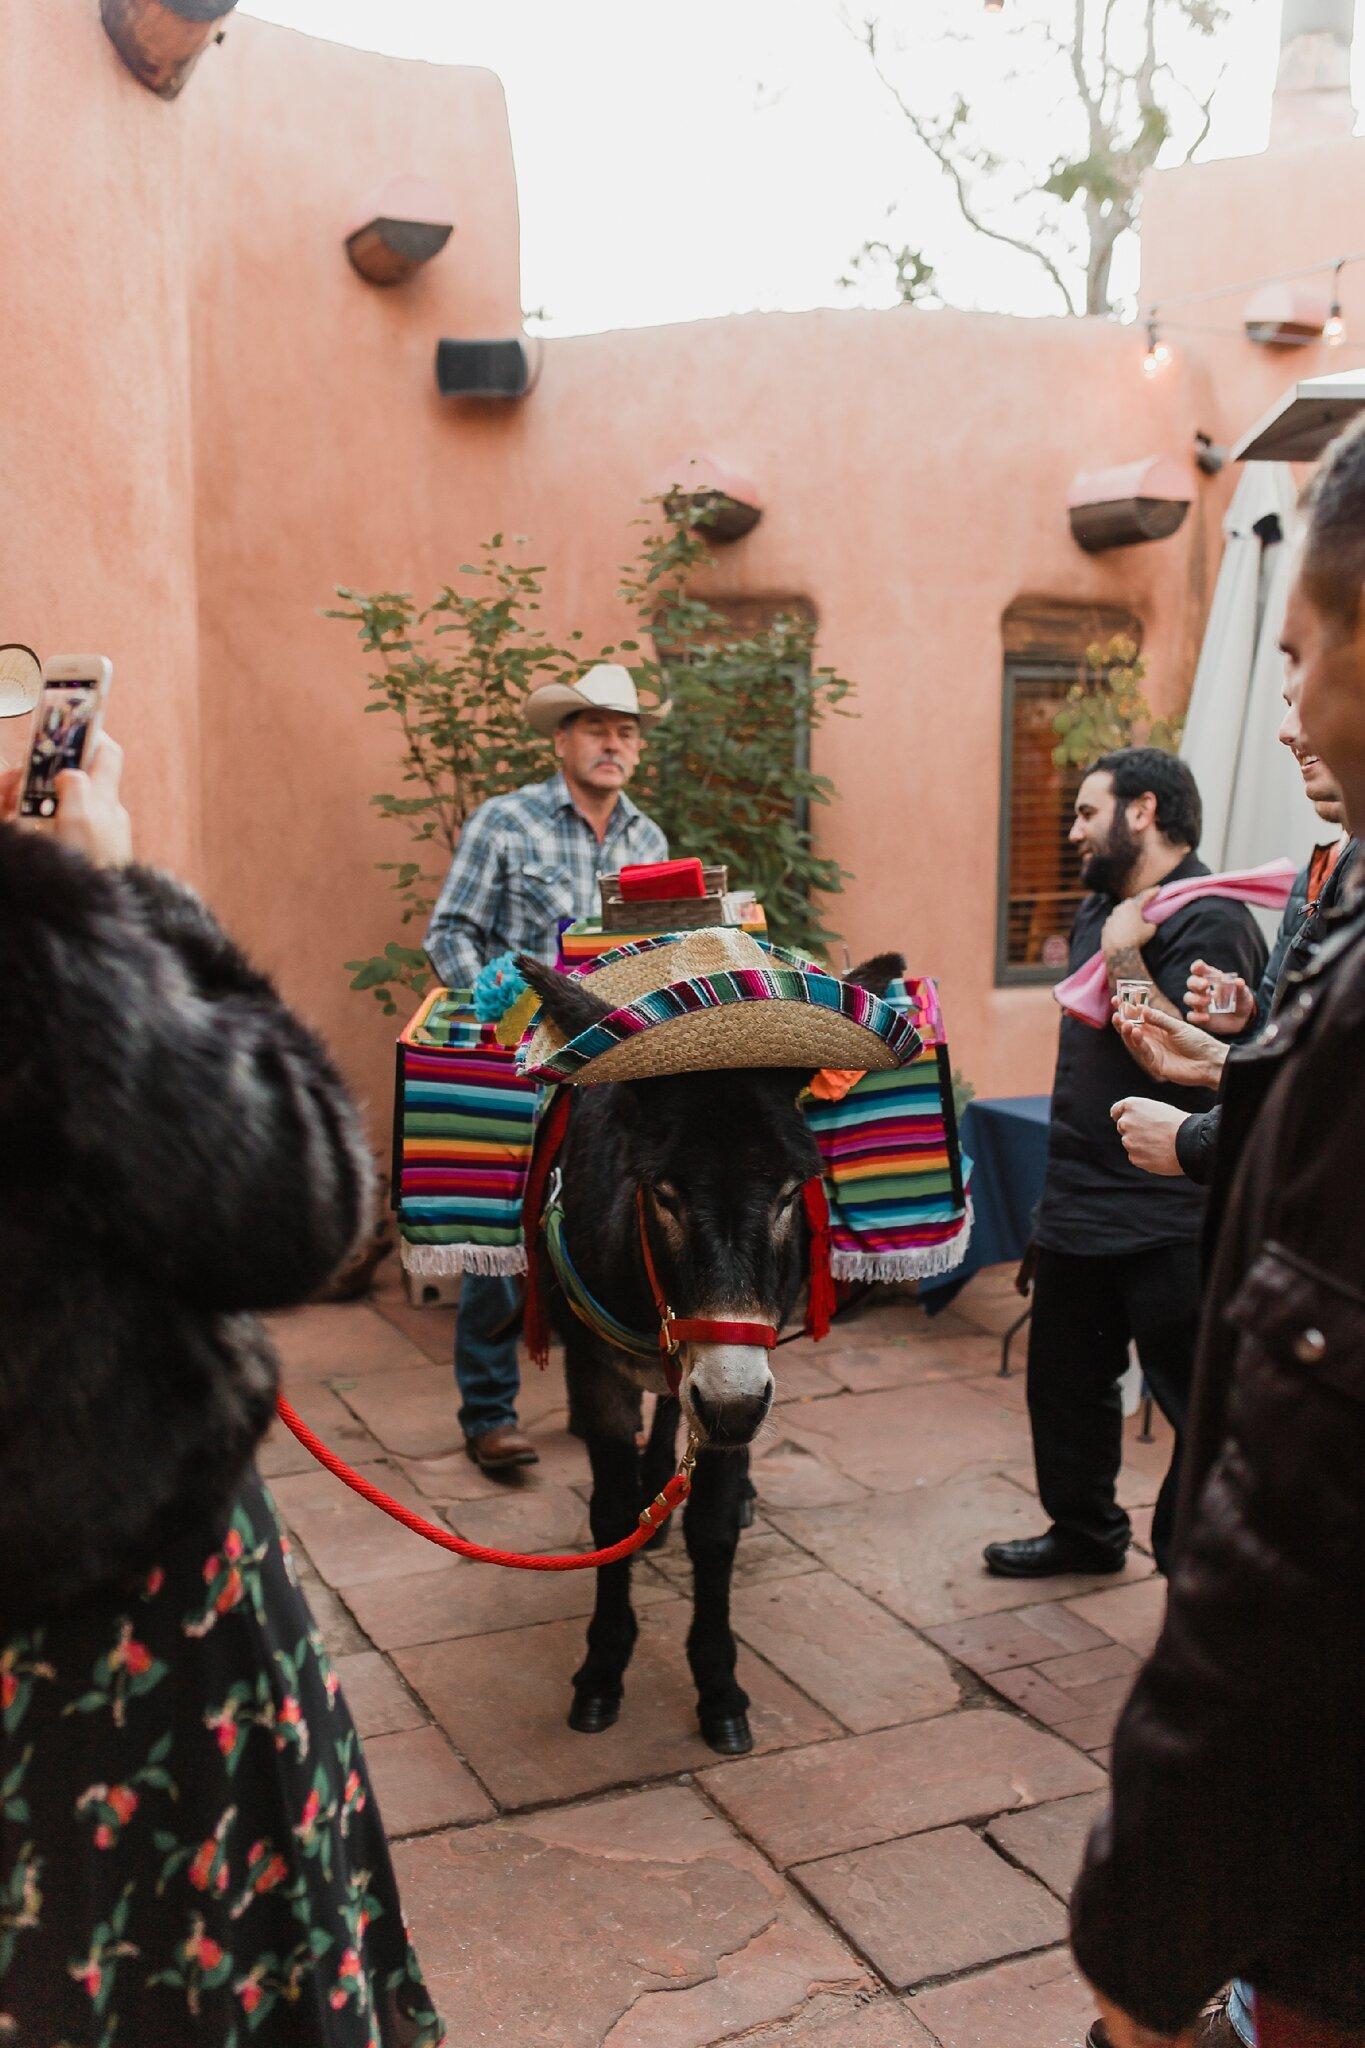 Alicia+lucia+photography+-+albuquerque+wedding+photographer+-+santa+fe+wedding+photography+-+new+mexico+wedding+photographer+-+new+mexico+wedding+-+rehearsal+dinner+-+wedding+rehearsal+dinner+-+santa+fe+rehearsal+dinner+-+chicago+bride_0006.jpg